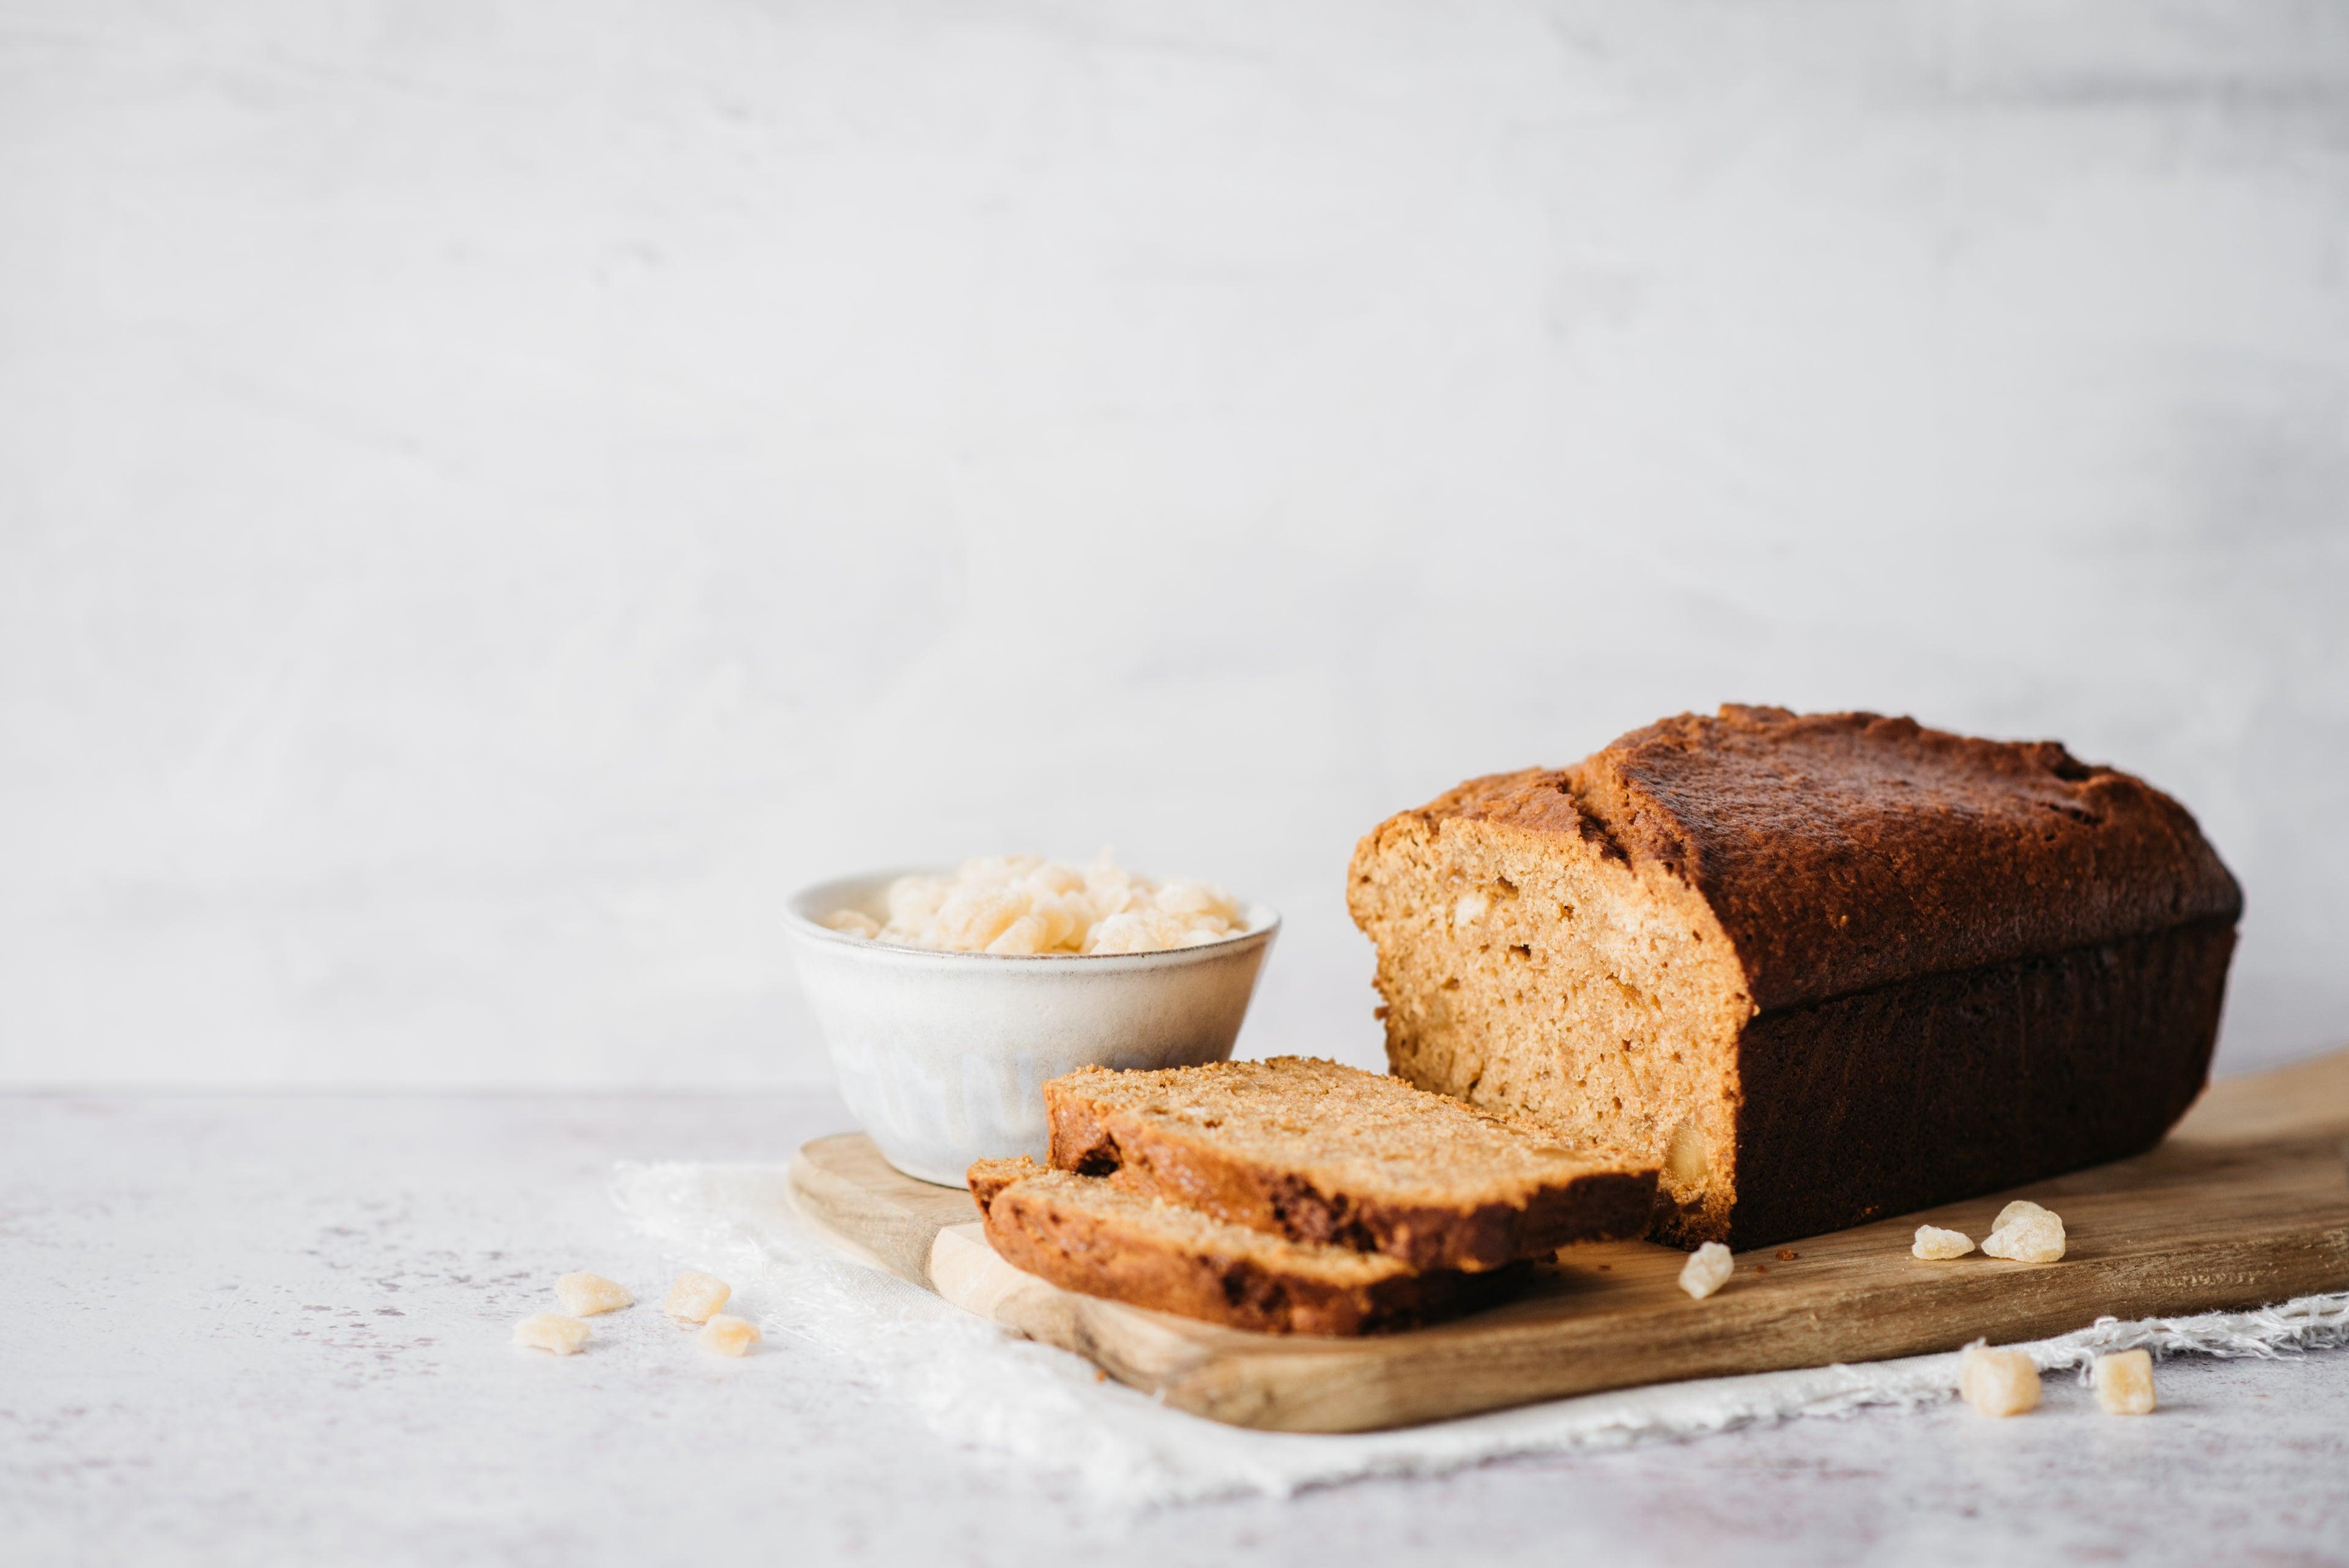 Gingerbread Loaf sliced on a wooden serving board, scattered with crystallised ginger